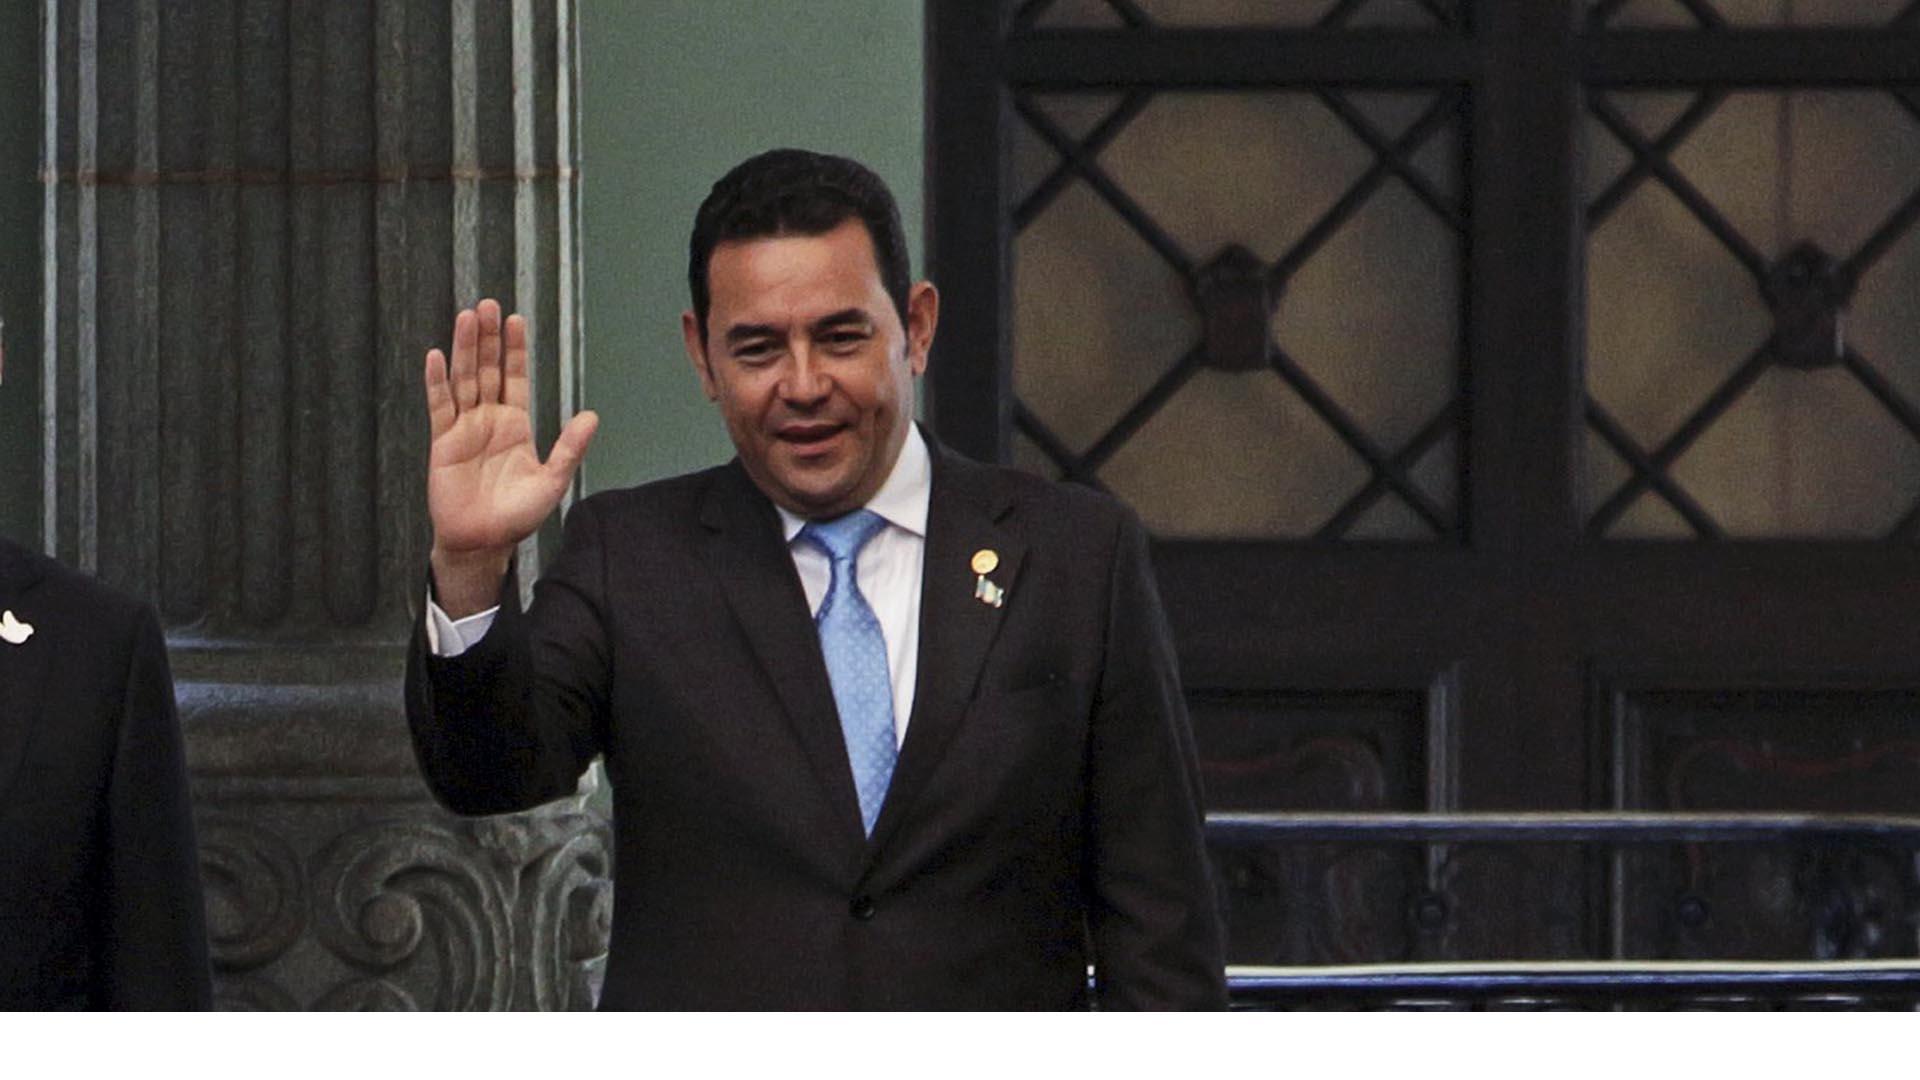 El presidente de Guatemala busca el desarrollo y el aumento de las inversiones en su país